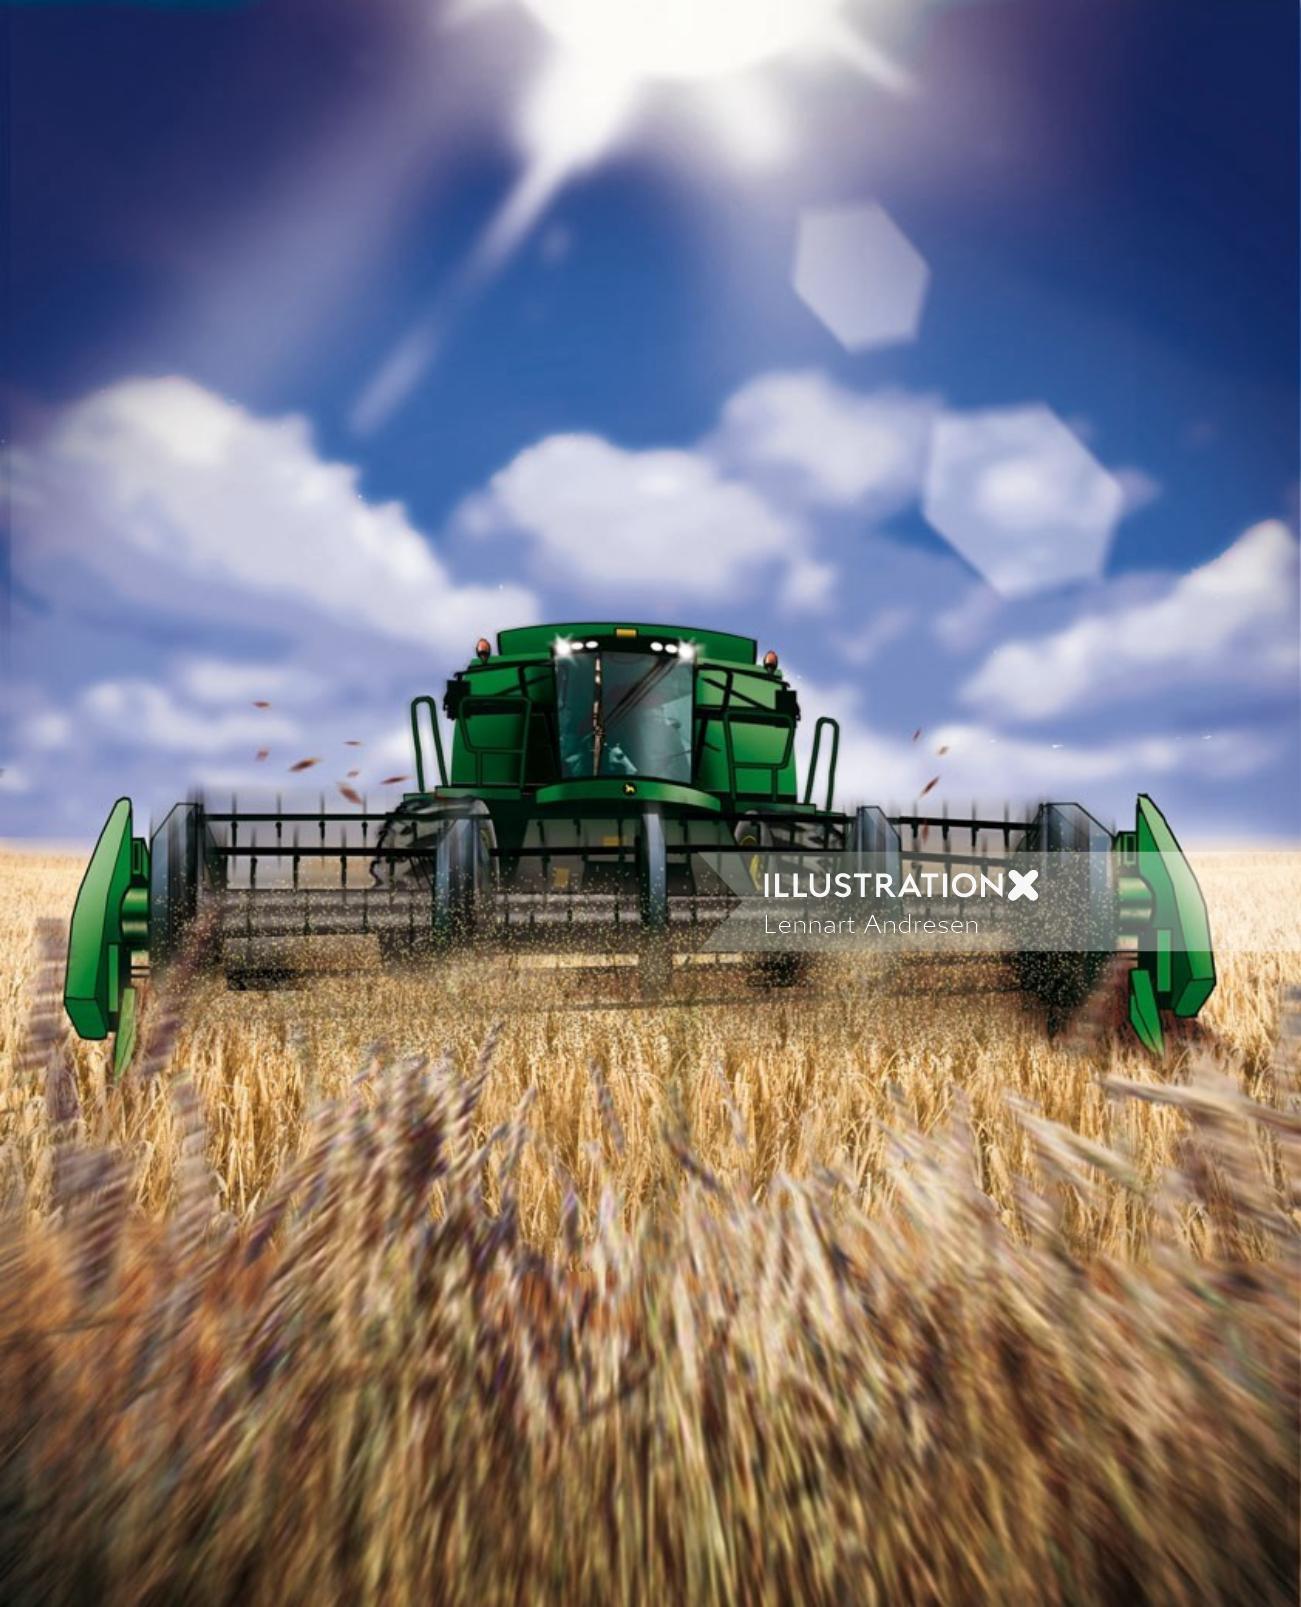 Storyboard of Food harvesting machine